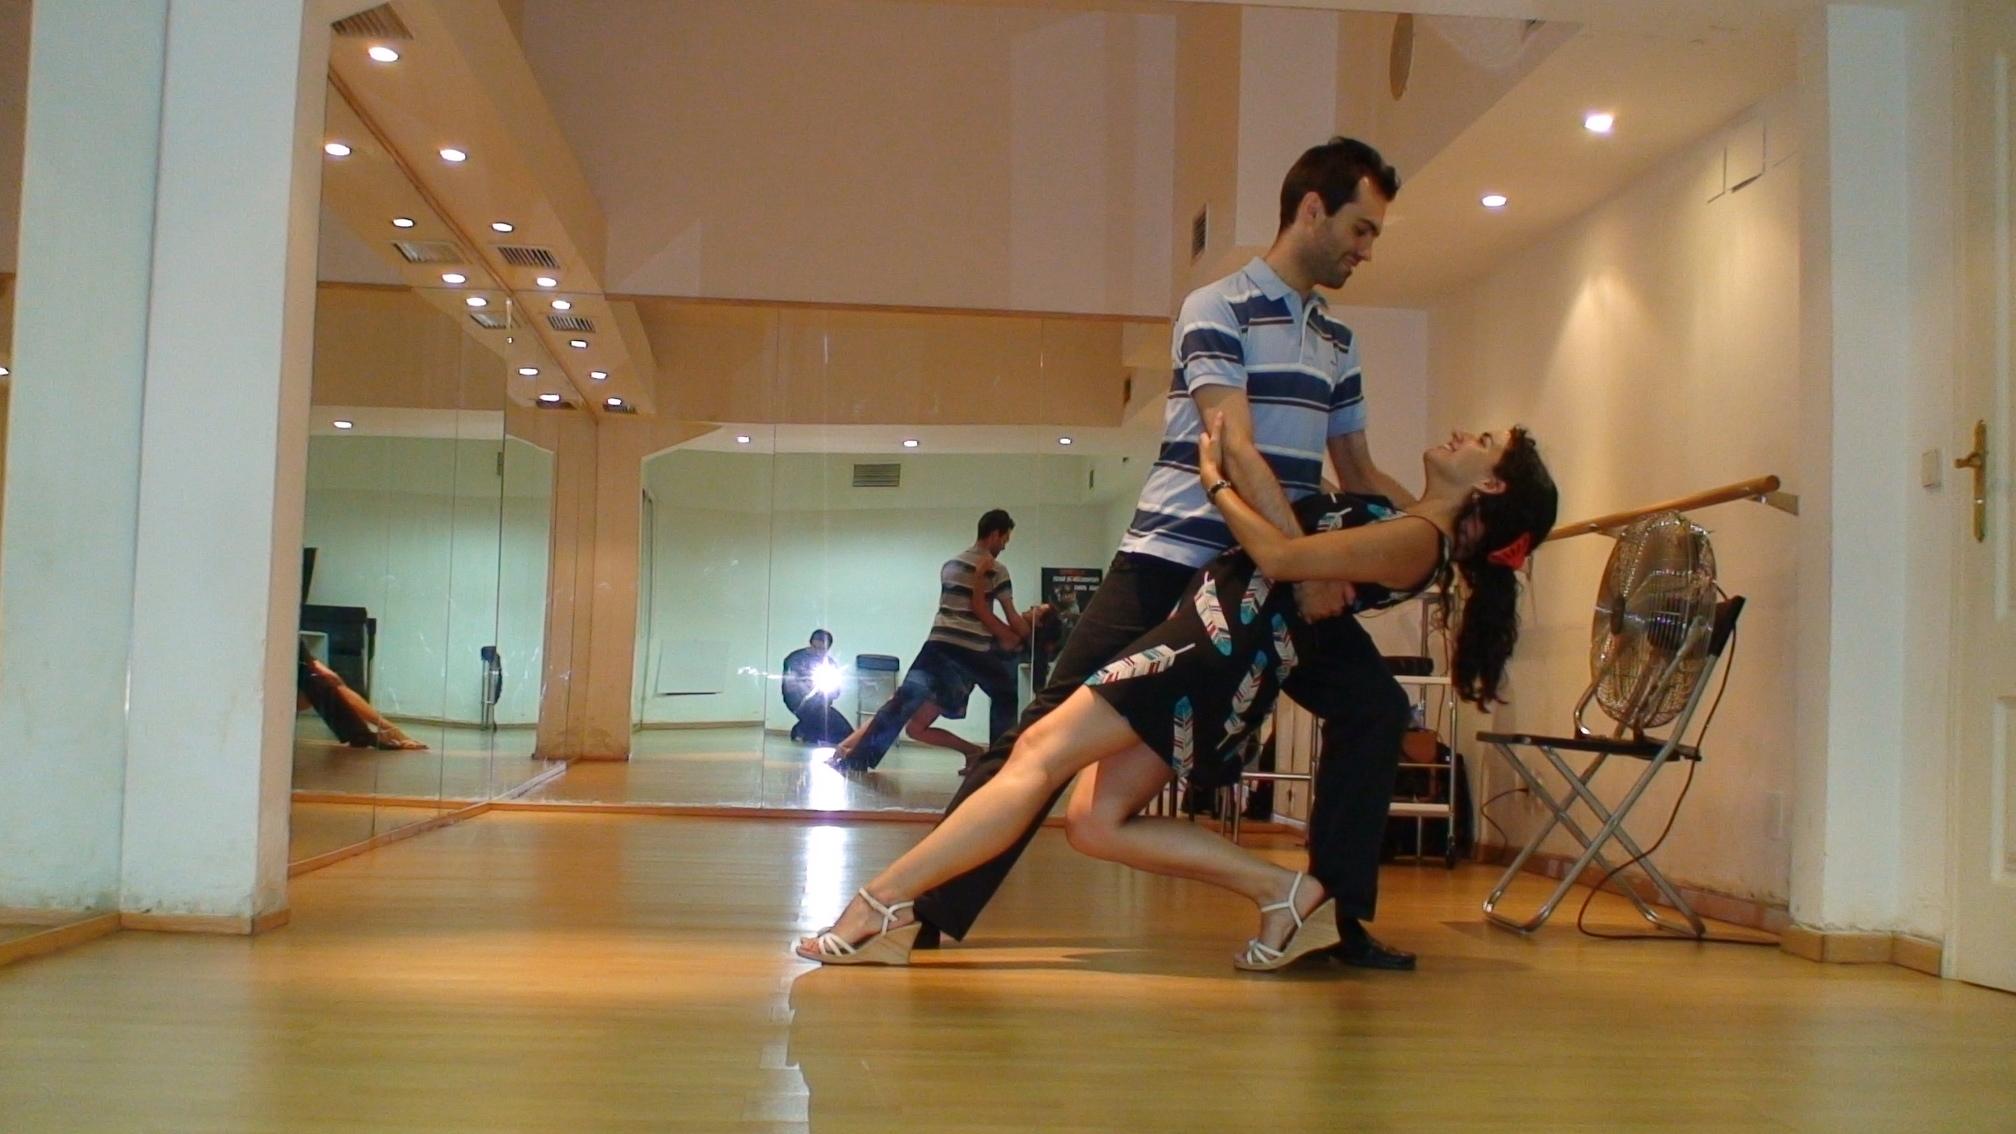 Clases de Baile en Madrid-Clases de Baile para Novios-Preparación del Baile de Boda en Madrid- Clases de Bailes Latinos en Madrid-Clases de Bailes de Salón en Madrid- Clases de Salsa en Madrid-Juan Brenes-juanbrenesdancer